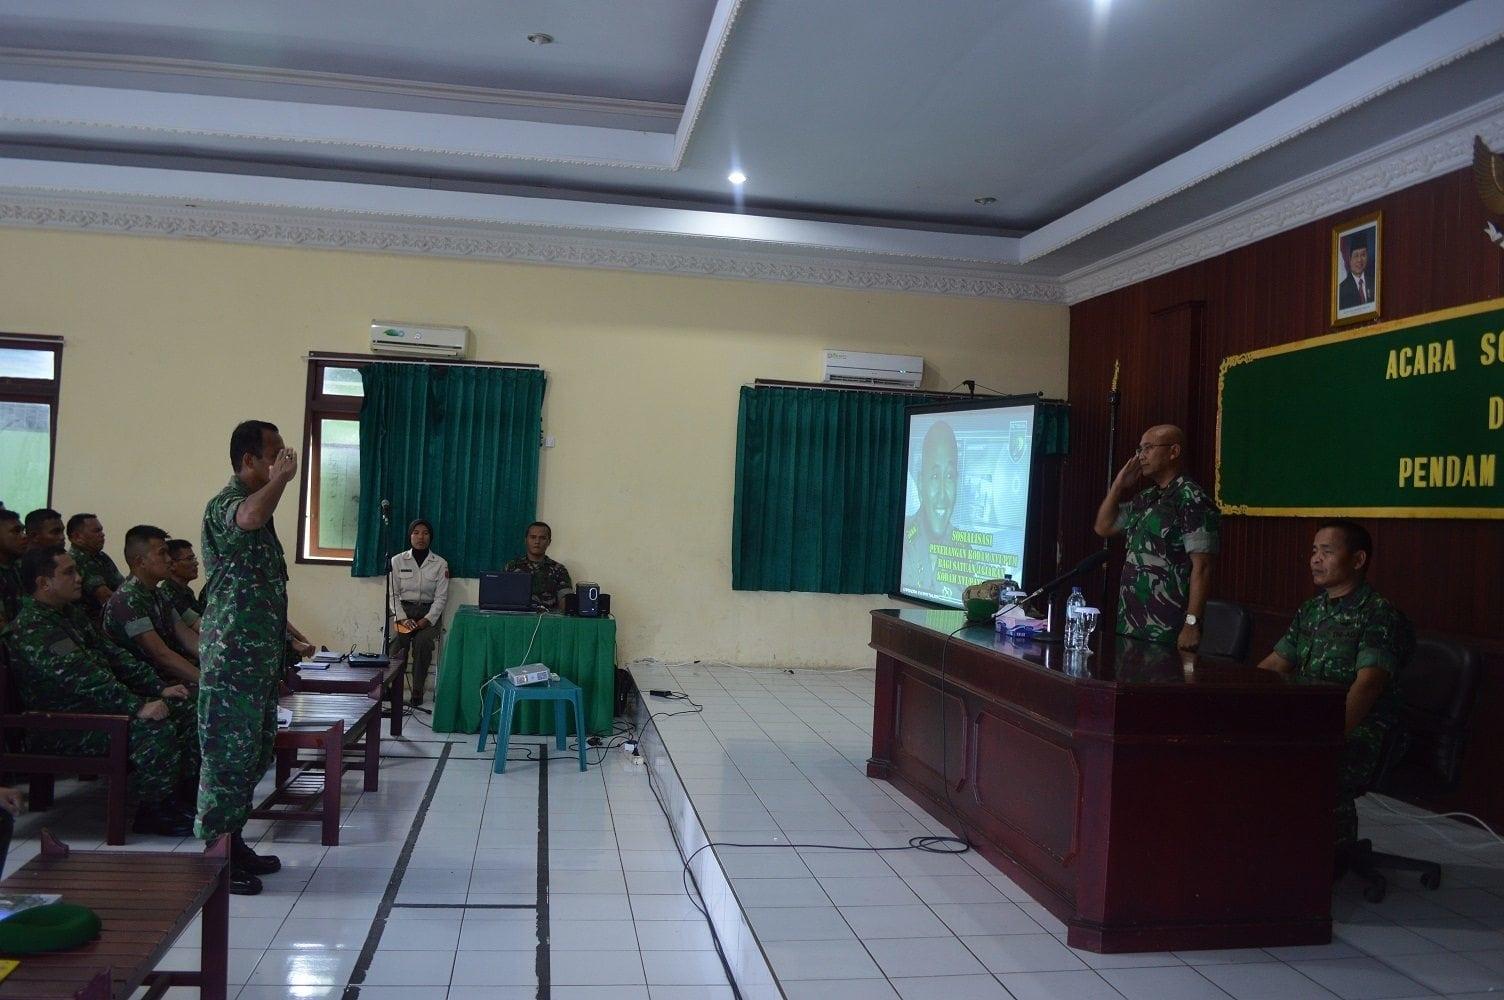 SOSIALISASI PENERANGAN KODAM XVI/PATTIMURA DIWILAYAH KOREM 152/BABULLAH